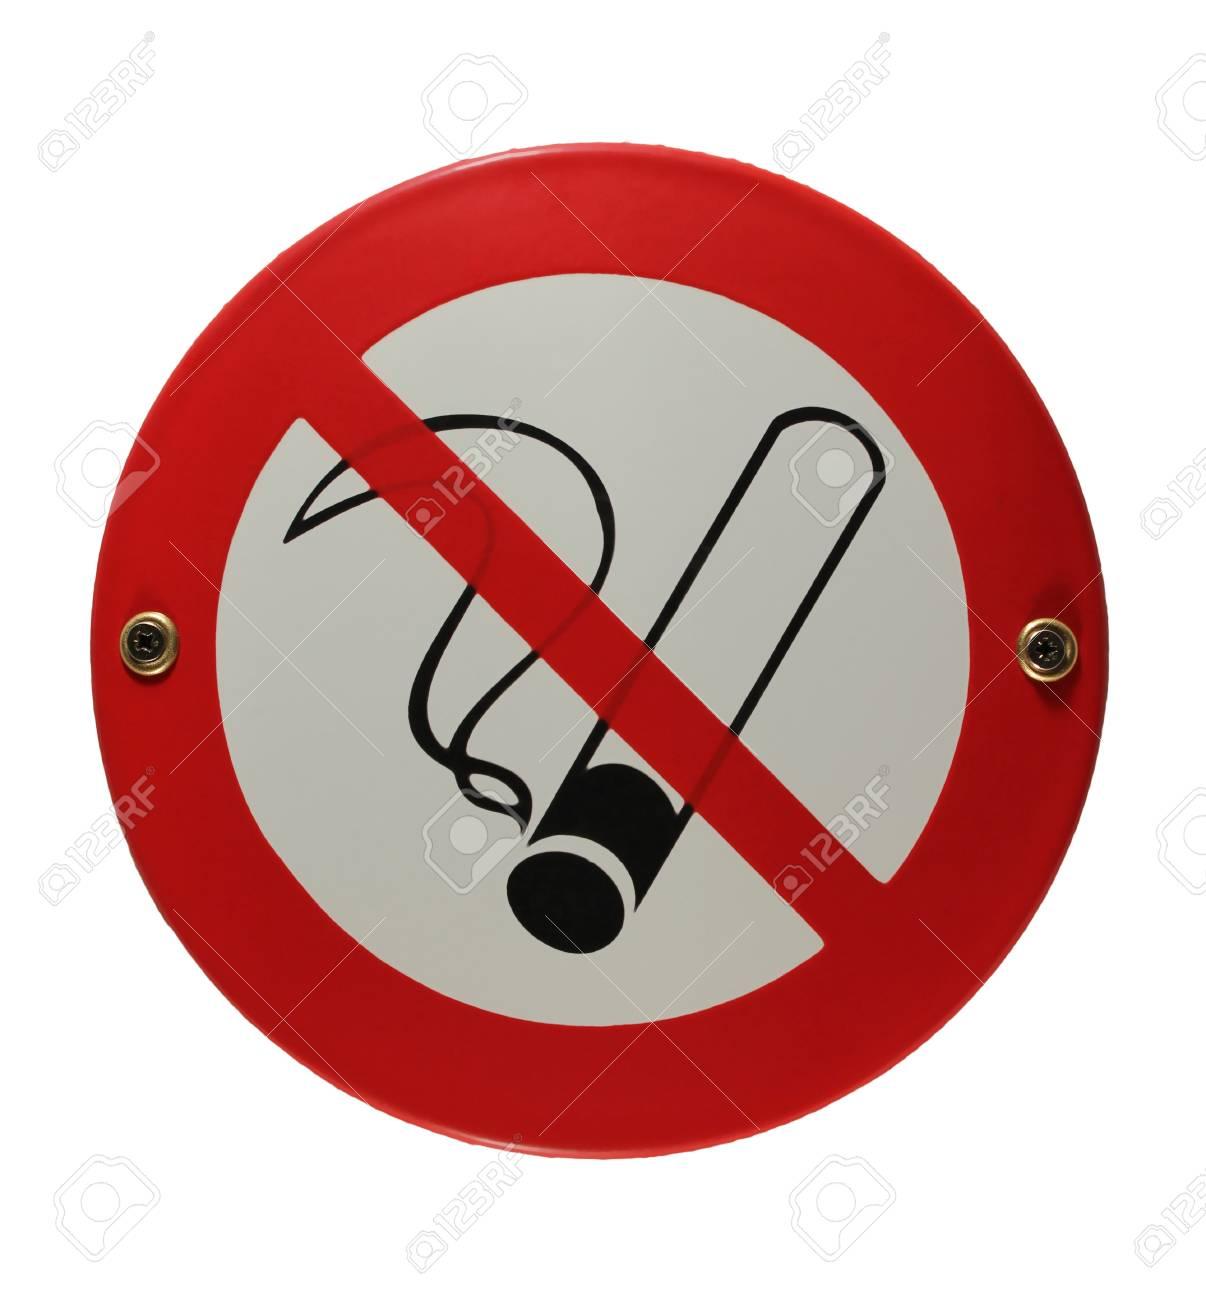 Round enamel sign no smoking Stock Photo - 16952951